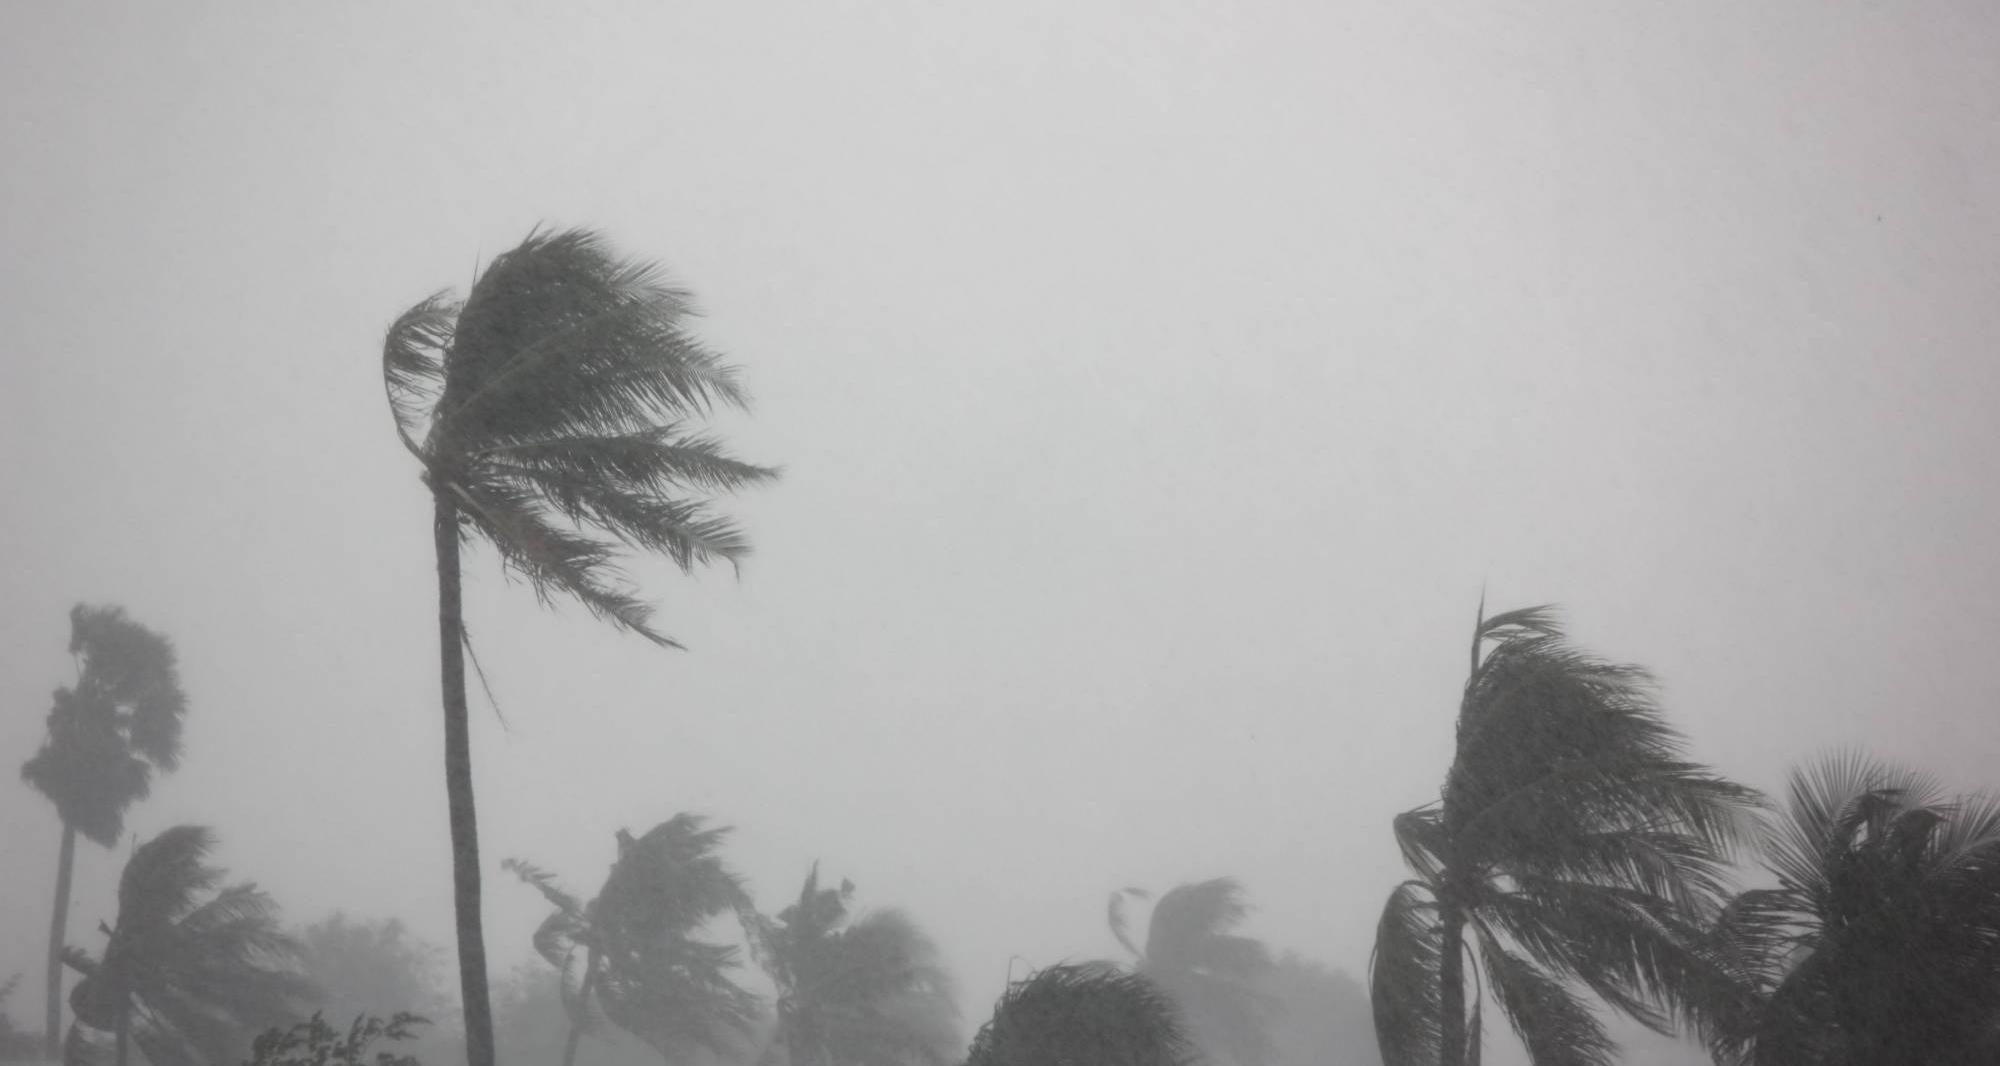 Comment gérer les risques cycloniques à la Réunion ?